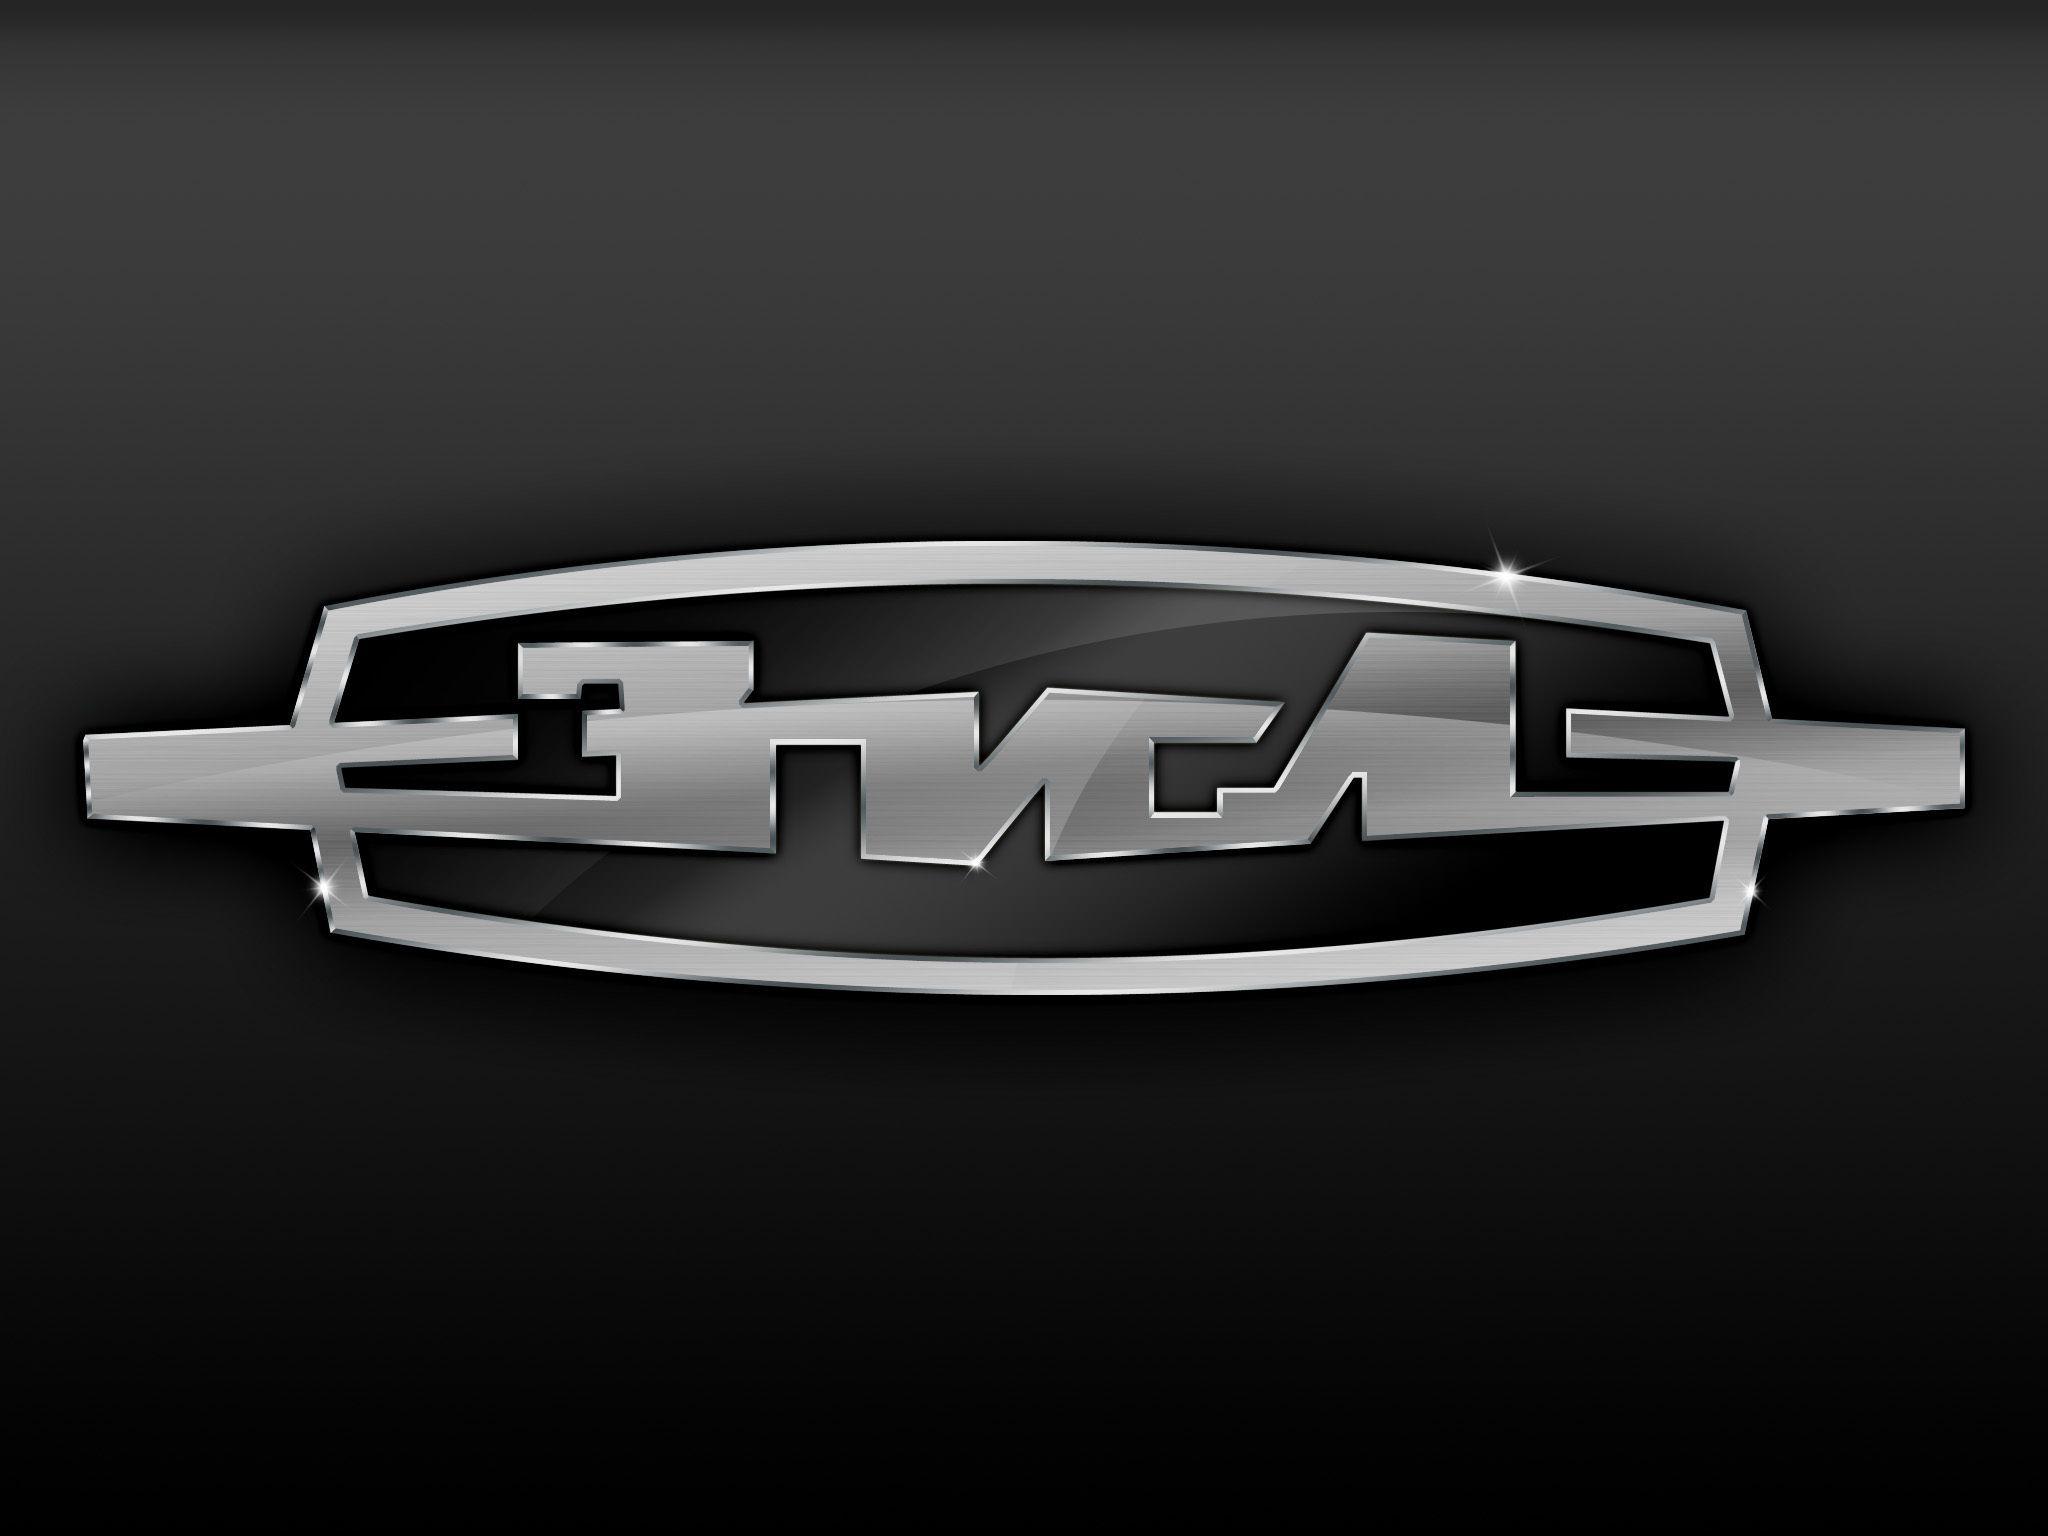 ZIL Logo 3D Wallpaper